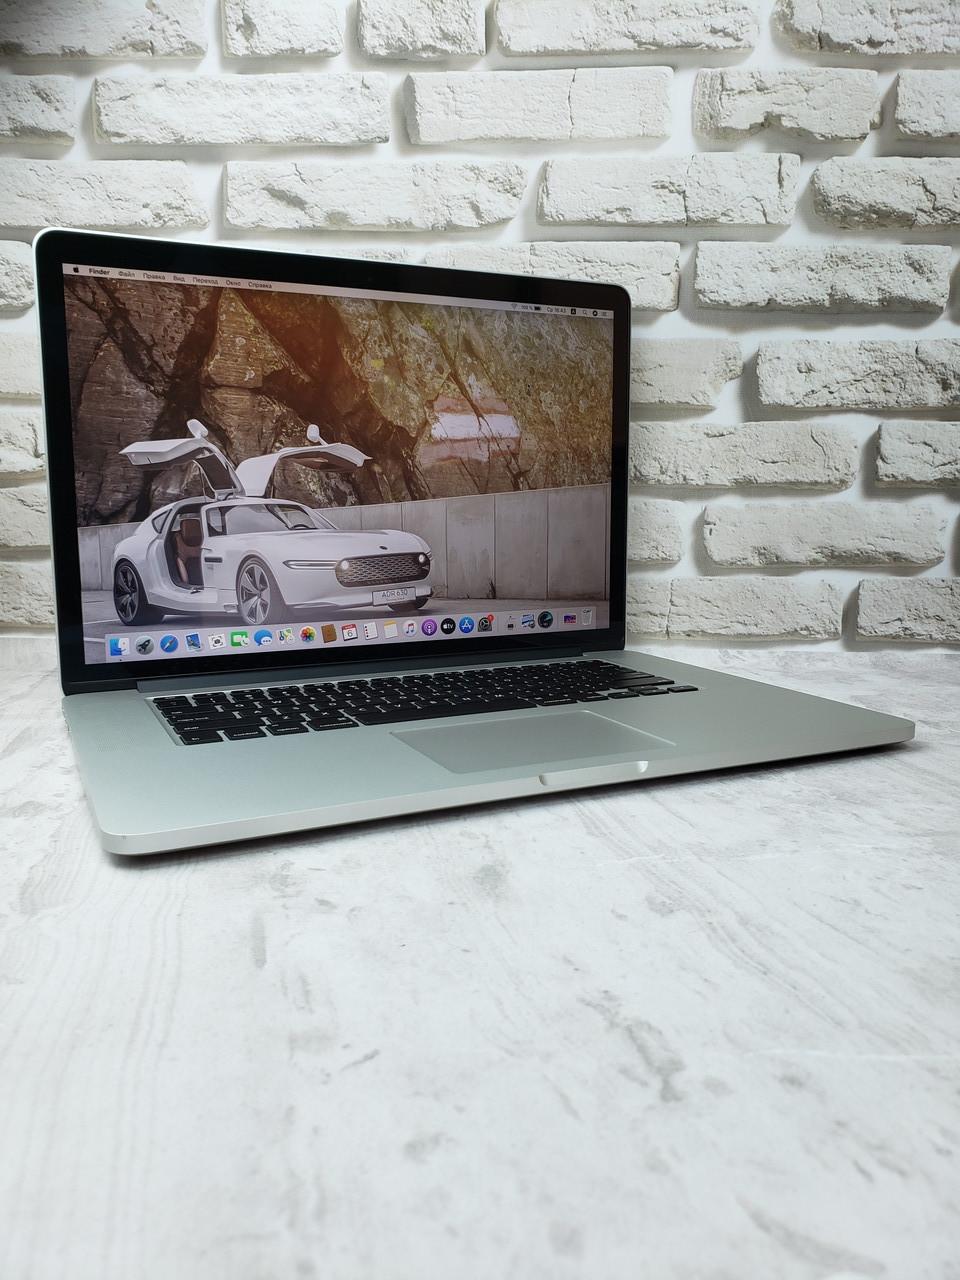 MacBook Pro Retina MJLU2 Mid 2015 16Gb AMD Radeon R9 M370X SSD 512